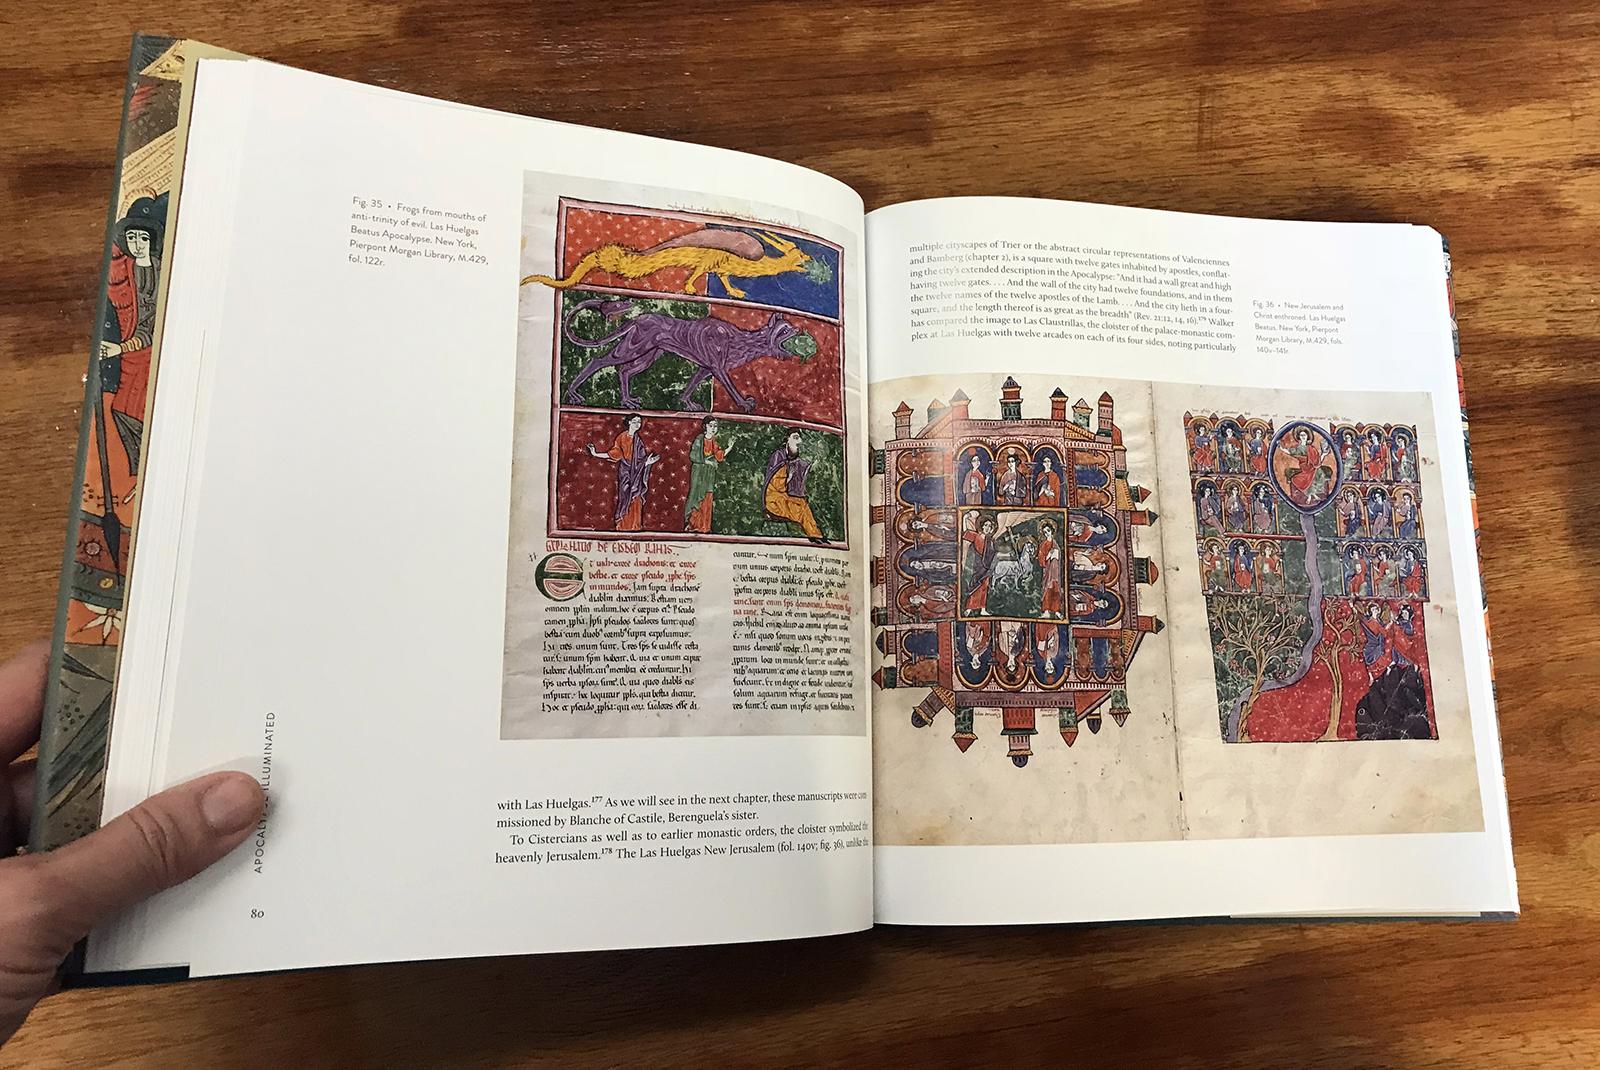 Emmerson book